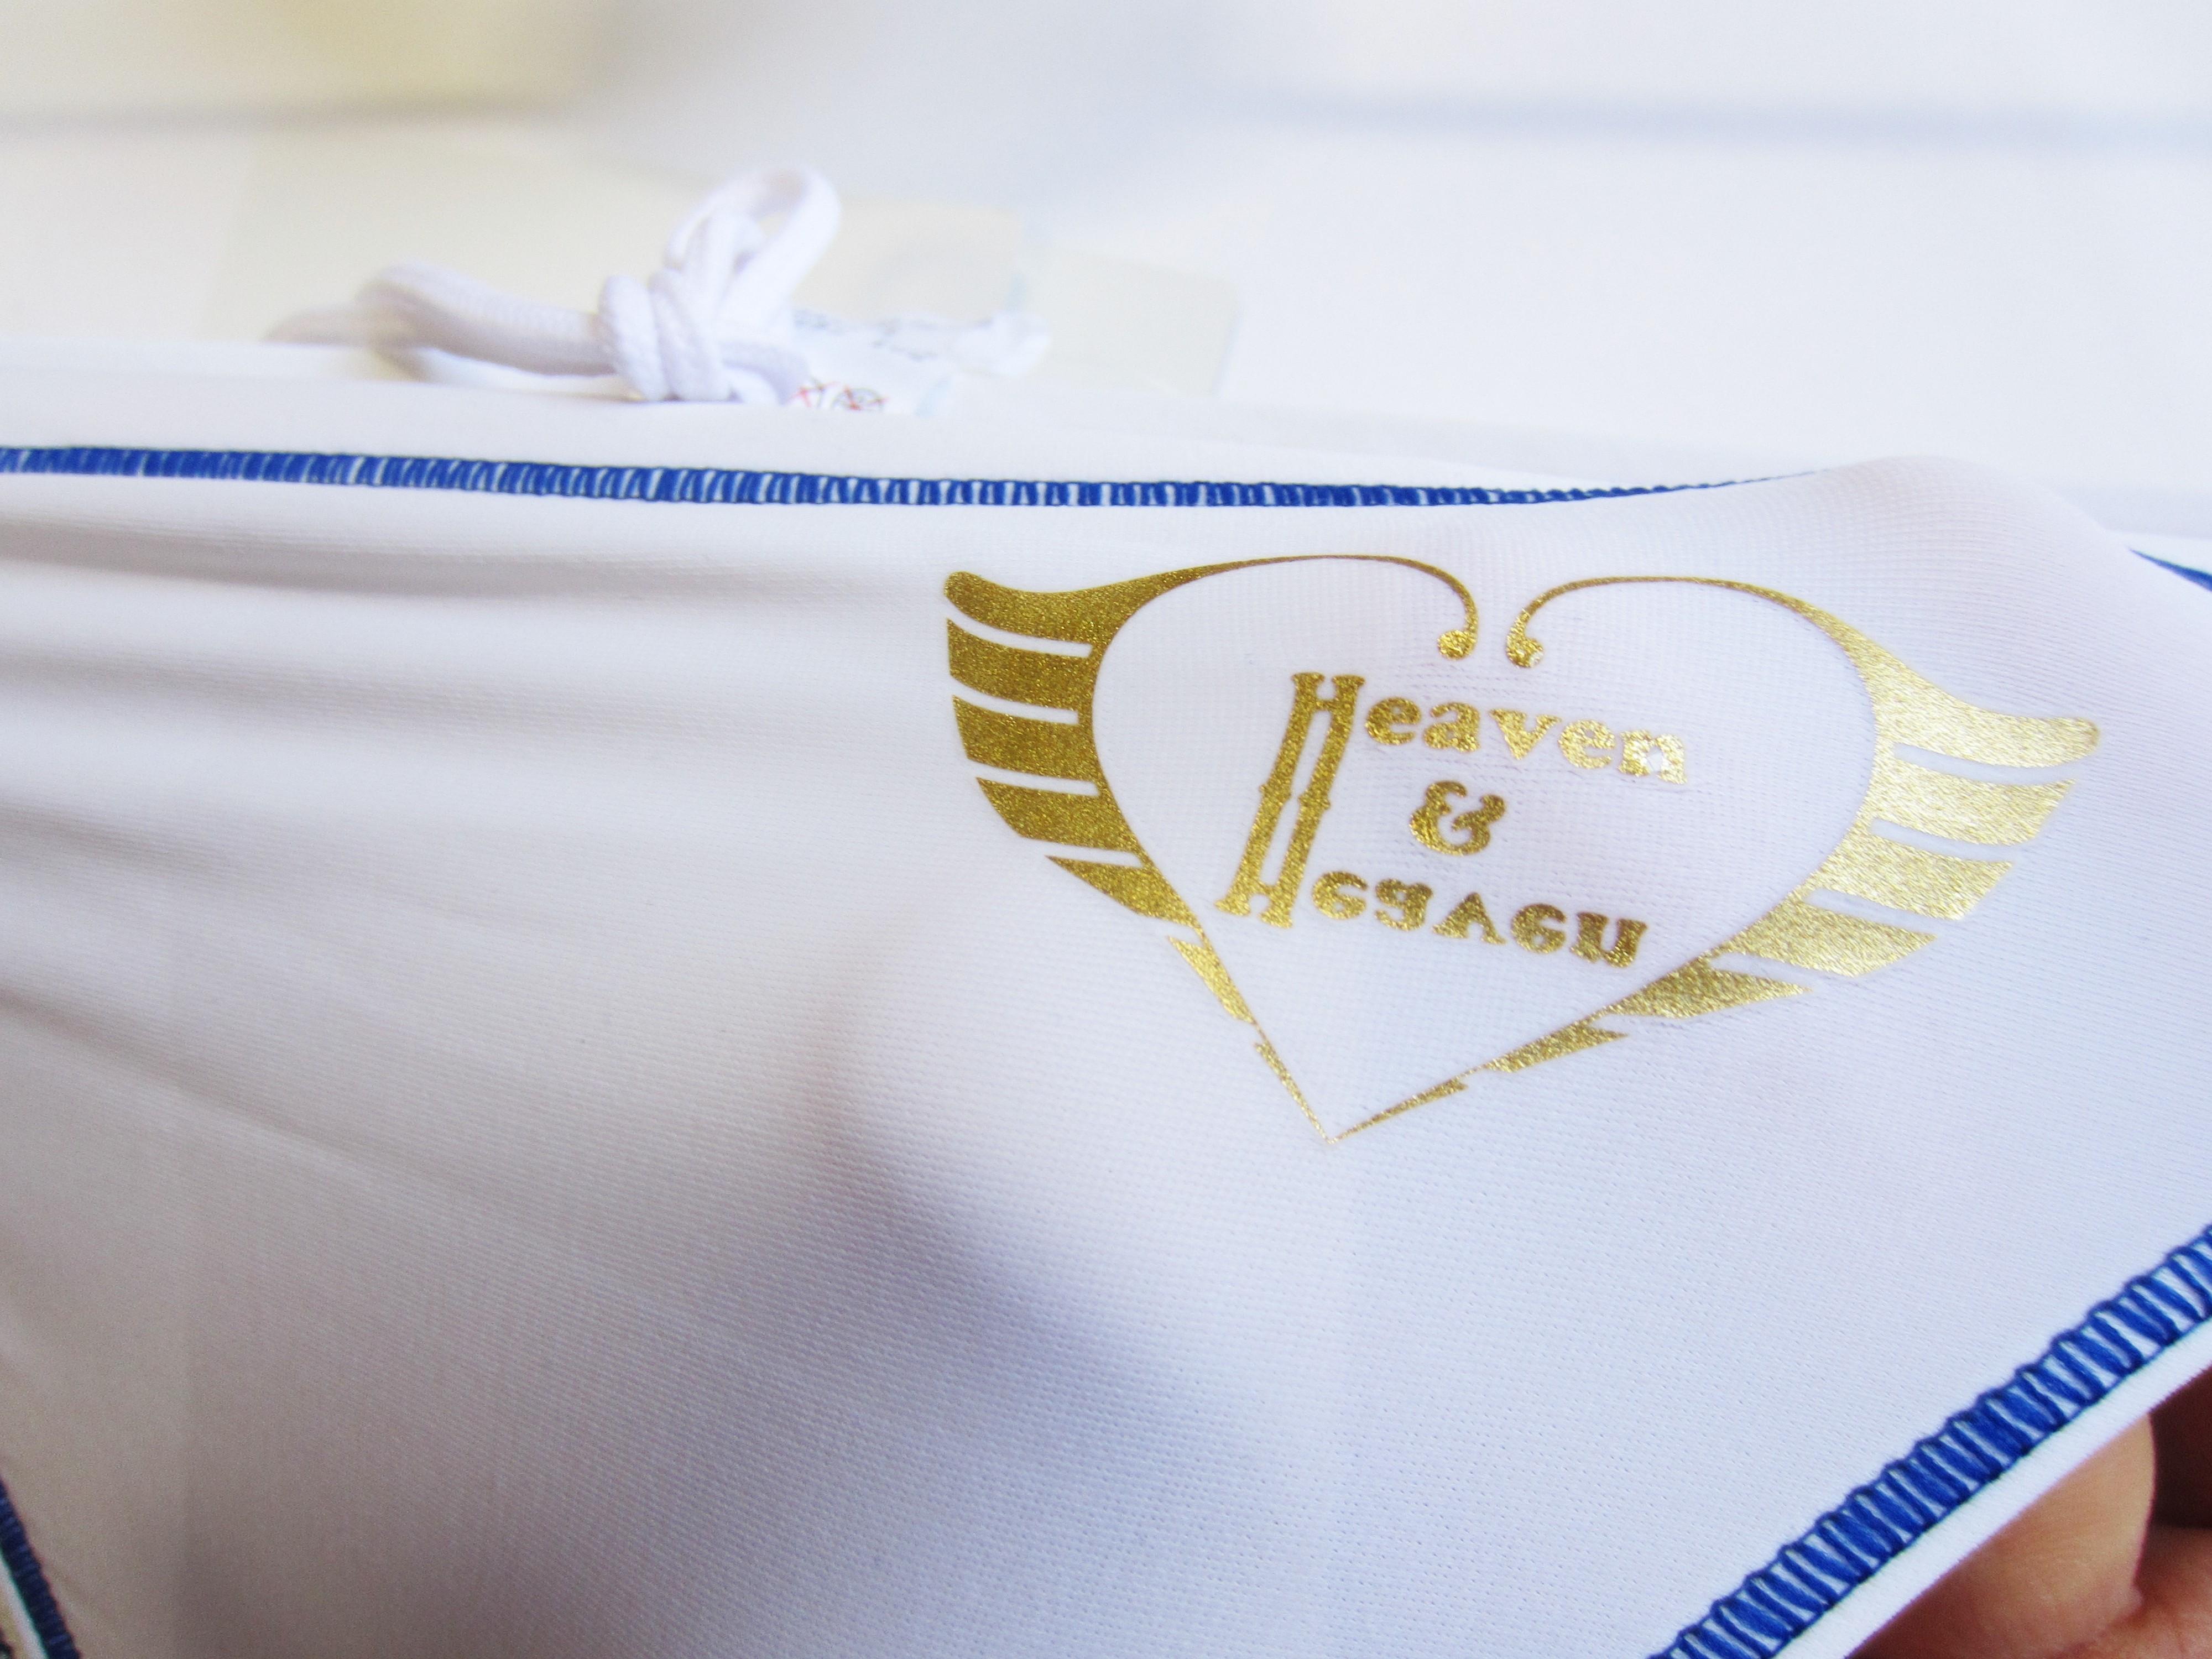 完全別注【極パン&#174;】ホワイト(ステッチ ブルー)<br/>インナー・ロゴ「あり」 透けにくい生地 競パン